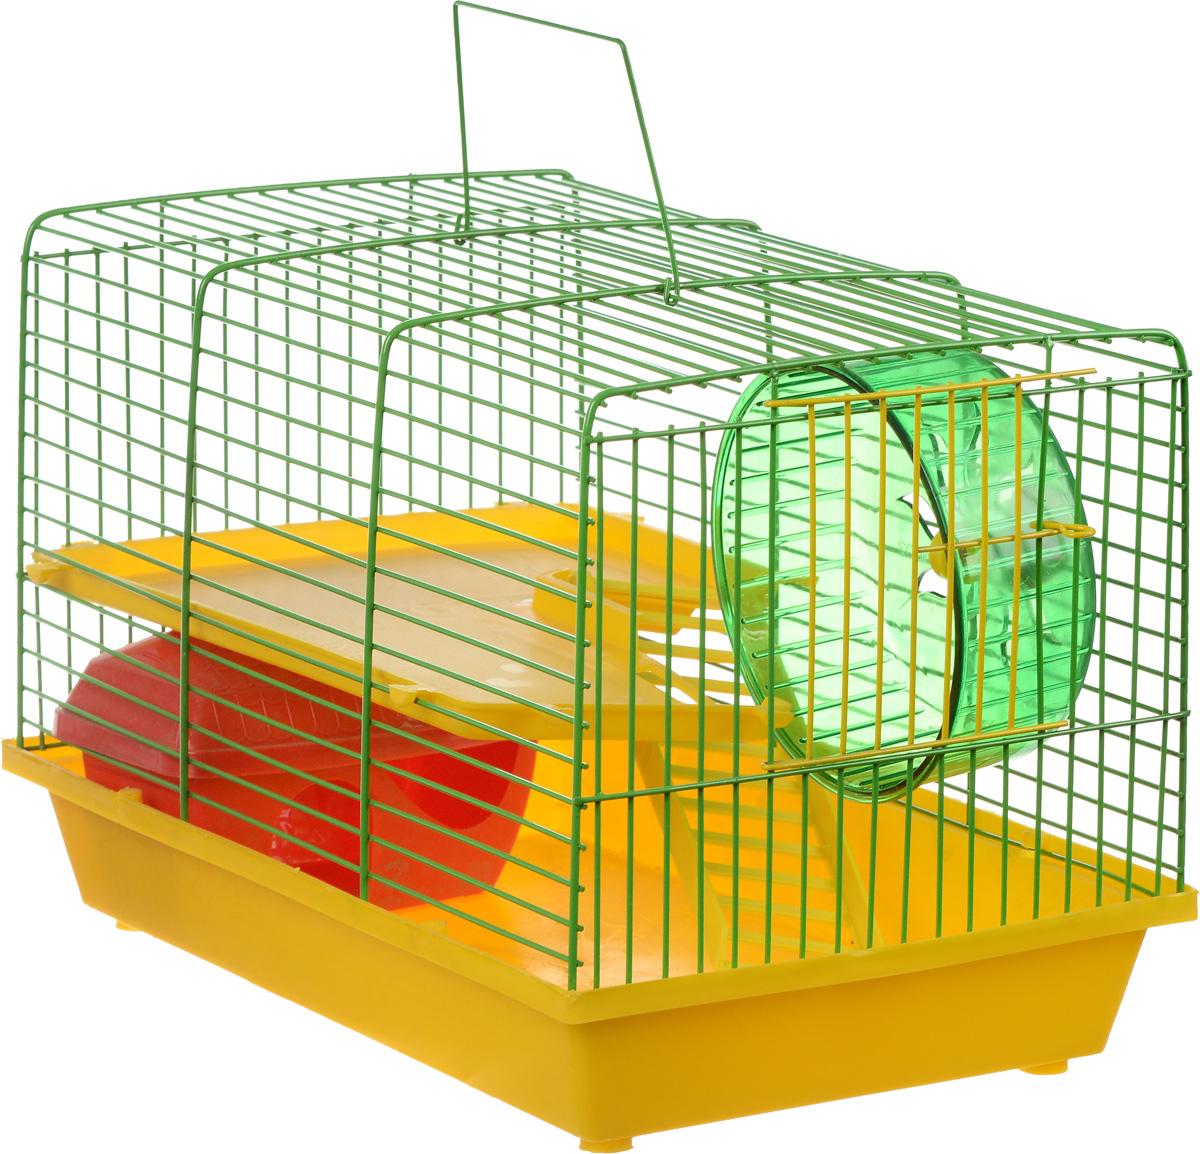 Клетка для грызунов ЗооМарк, 2-этажная, цвет: желтый поддон, зеленая решетка, желтый этаж, 36 х 23 х 24 см125_желтый, зеленыйКлетка ЗооМарк, выполненная из полипропилена и металла, подходит для мелких грызунов. Изделие двухэтажное, оборудовано колесом для подвижных игр и пластиковым домиком. Клетка имеет яркий поддон, удобна в использовании и легко чистится. Сверху имеется ручка для переноски. Такая клетка станет уединенным личным пространством и уютным домиком для маленького грызуна.